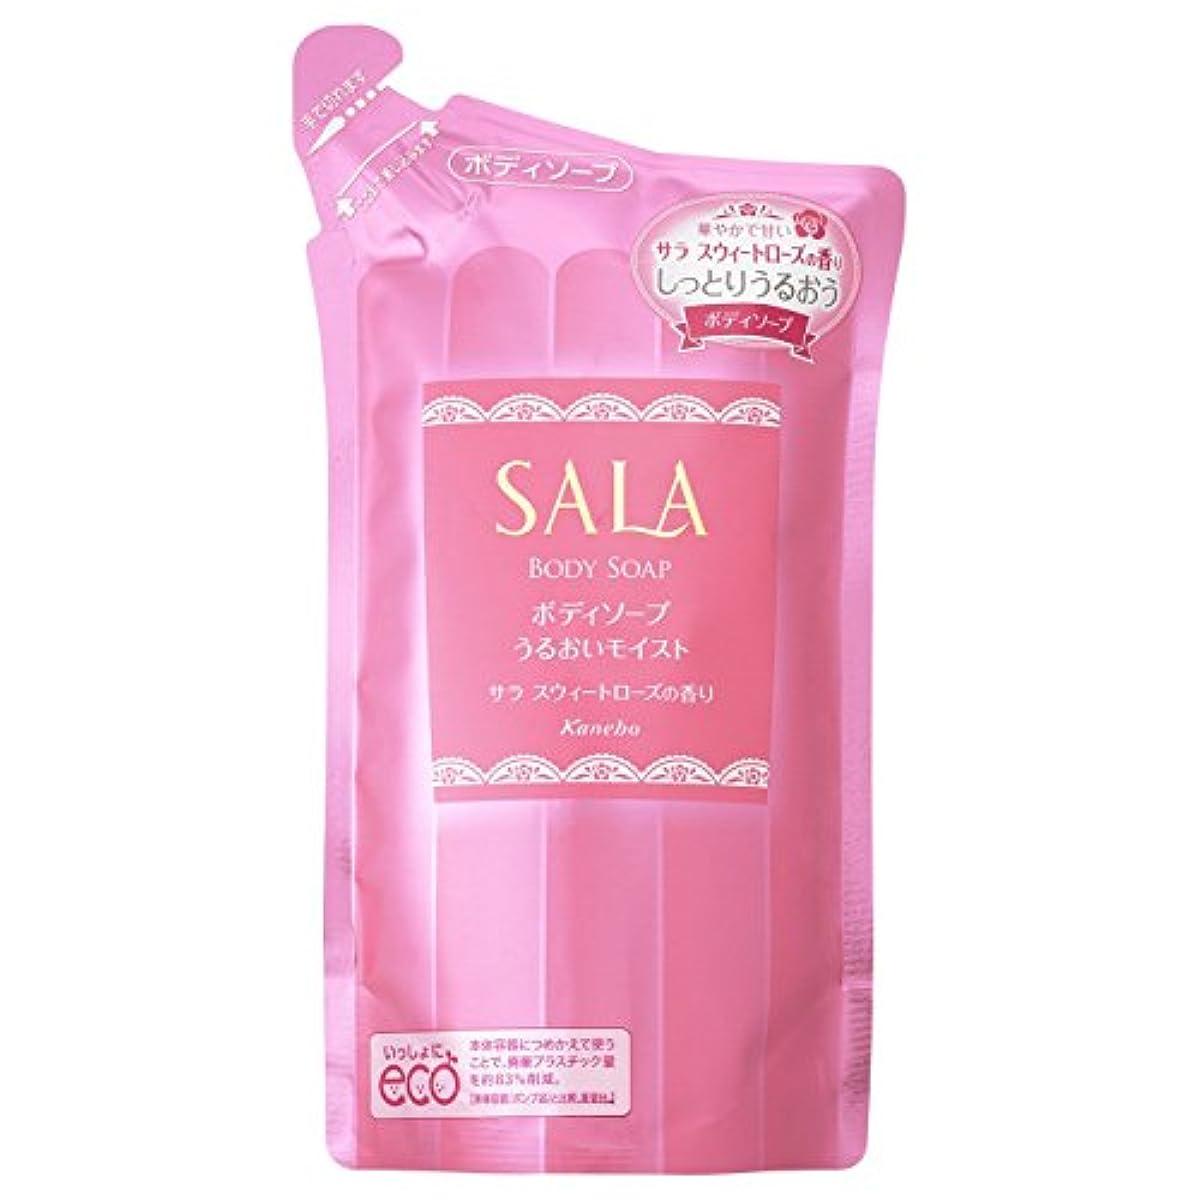 サラ ボディソープ うるおいモイスト つめかえ用 サラスウィートローズの香り